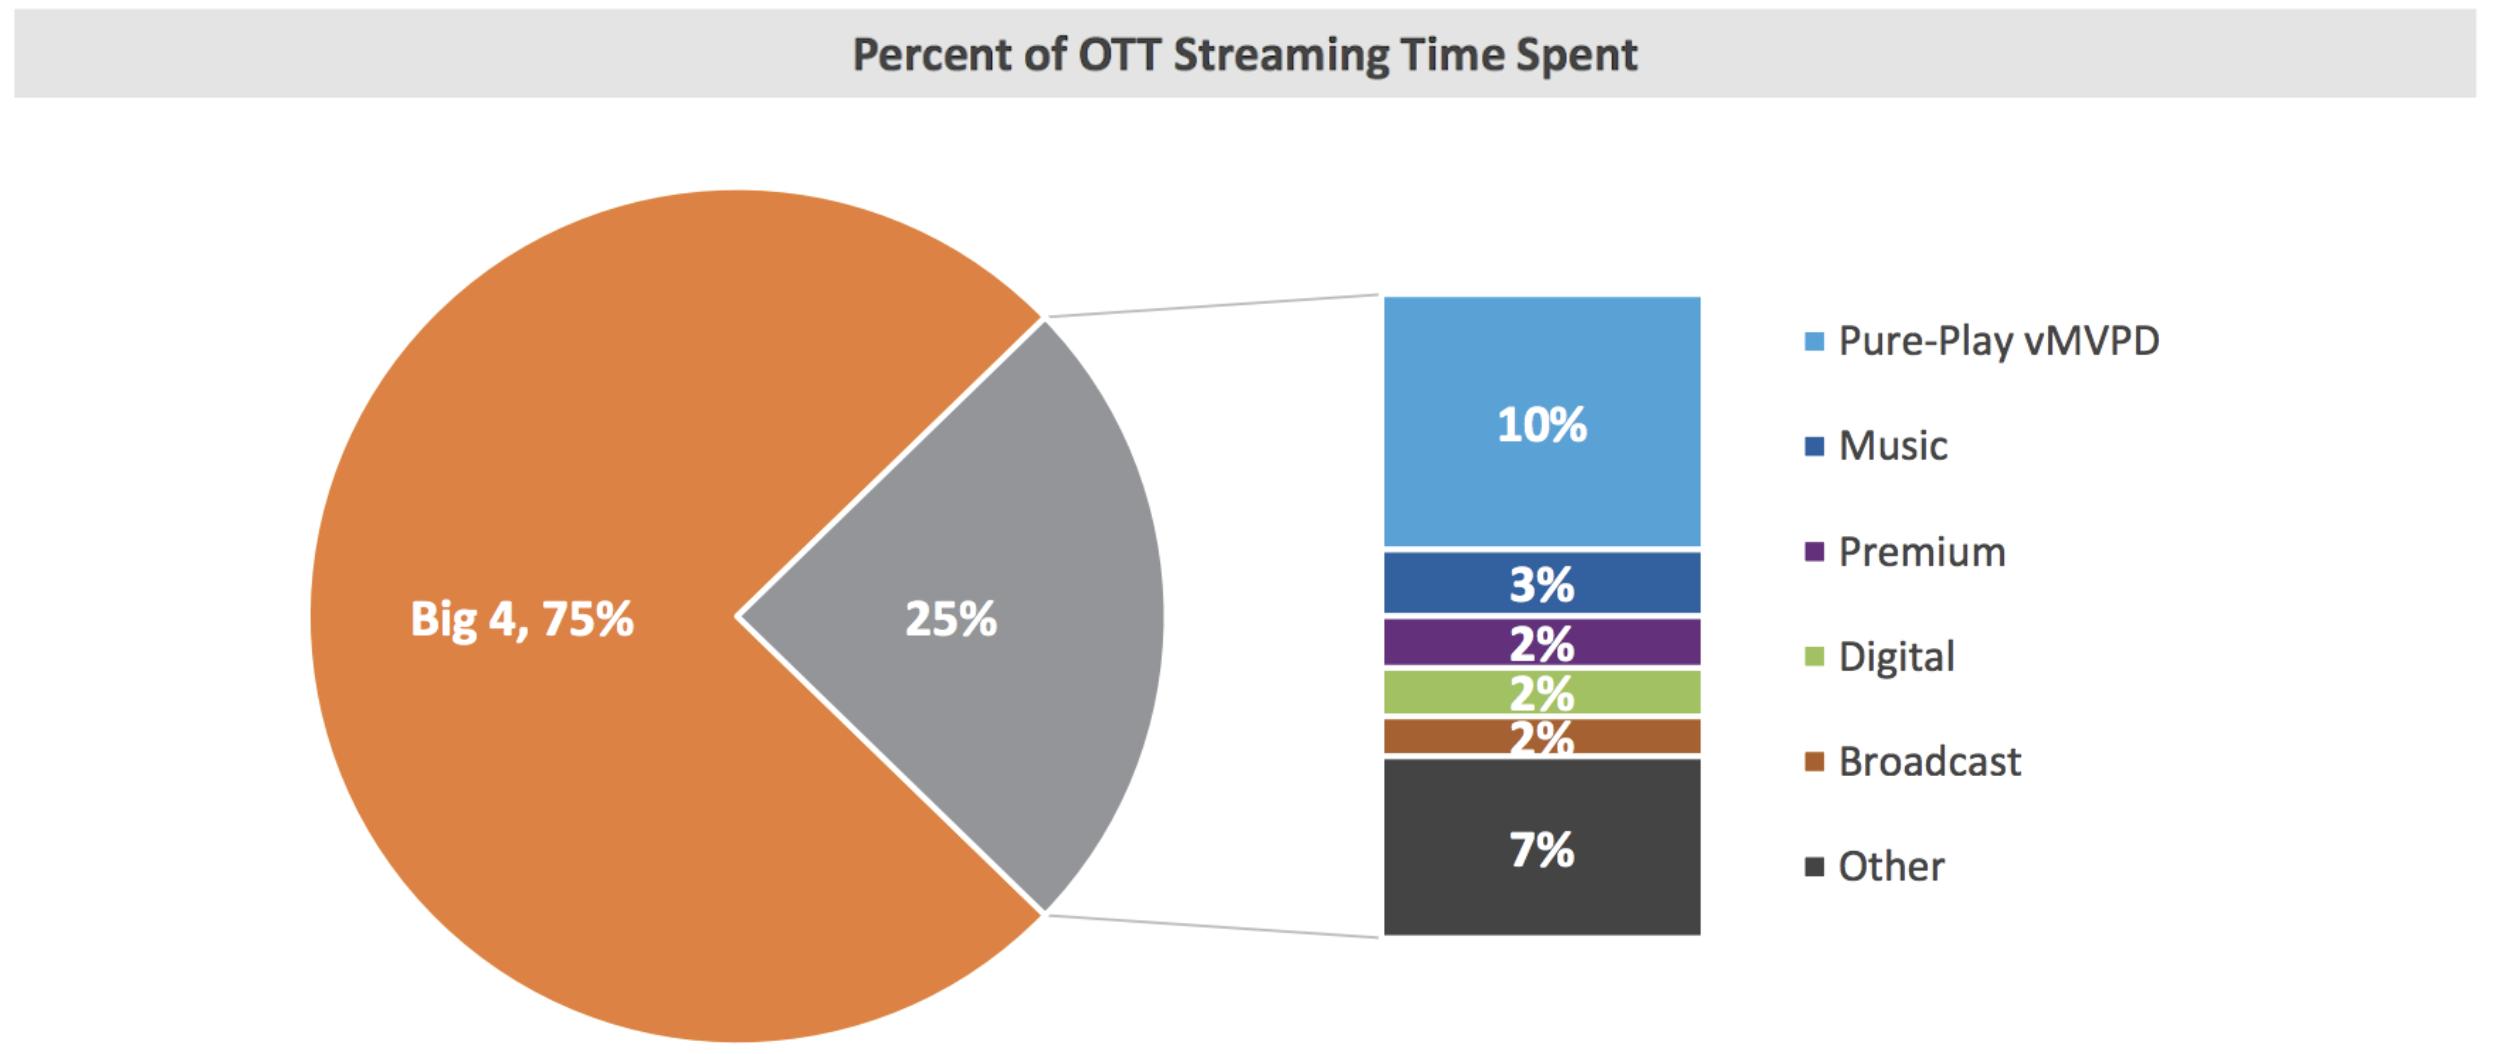 percent of OTT streaming time spent